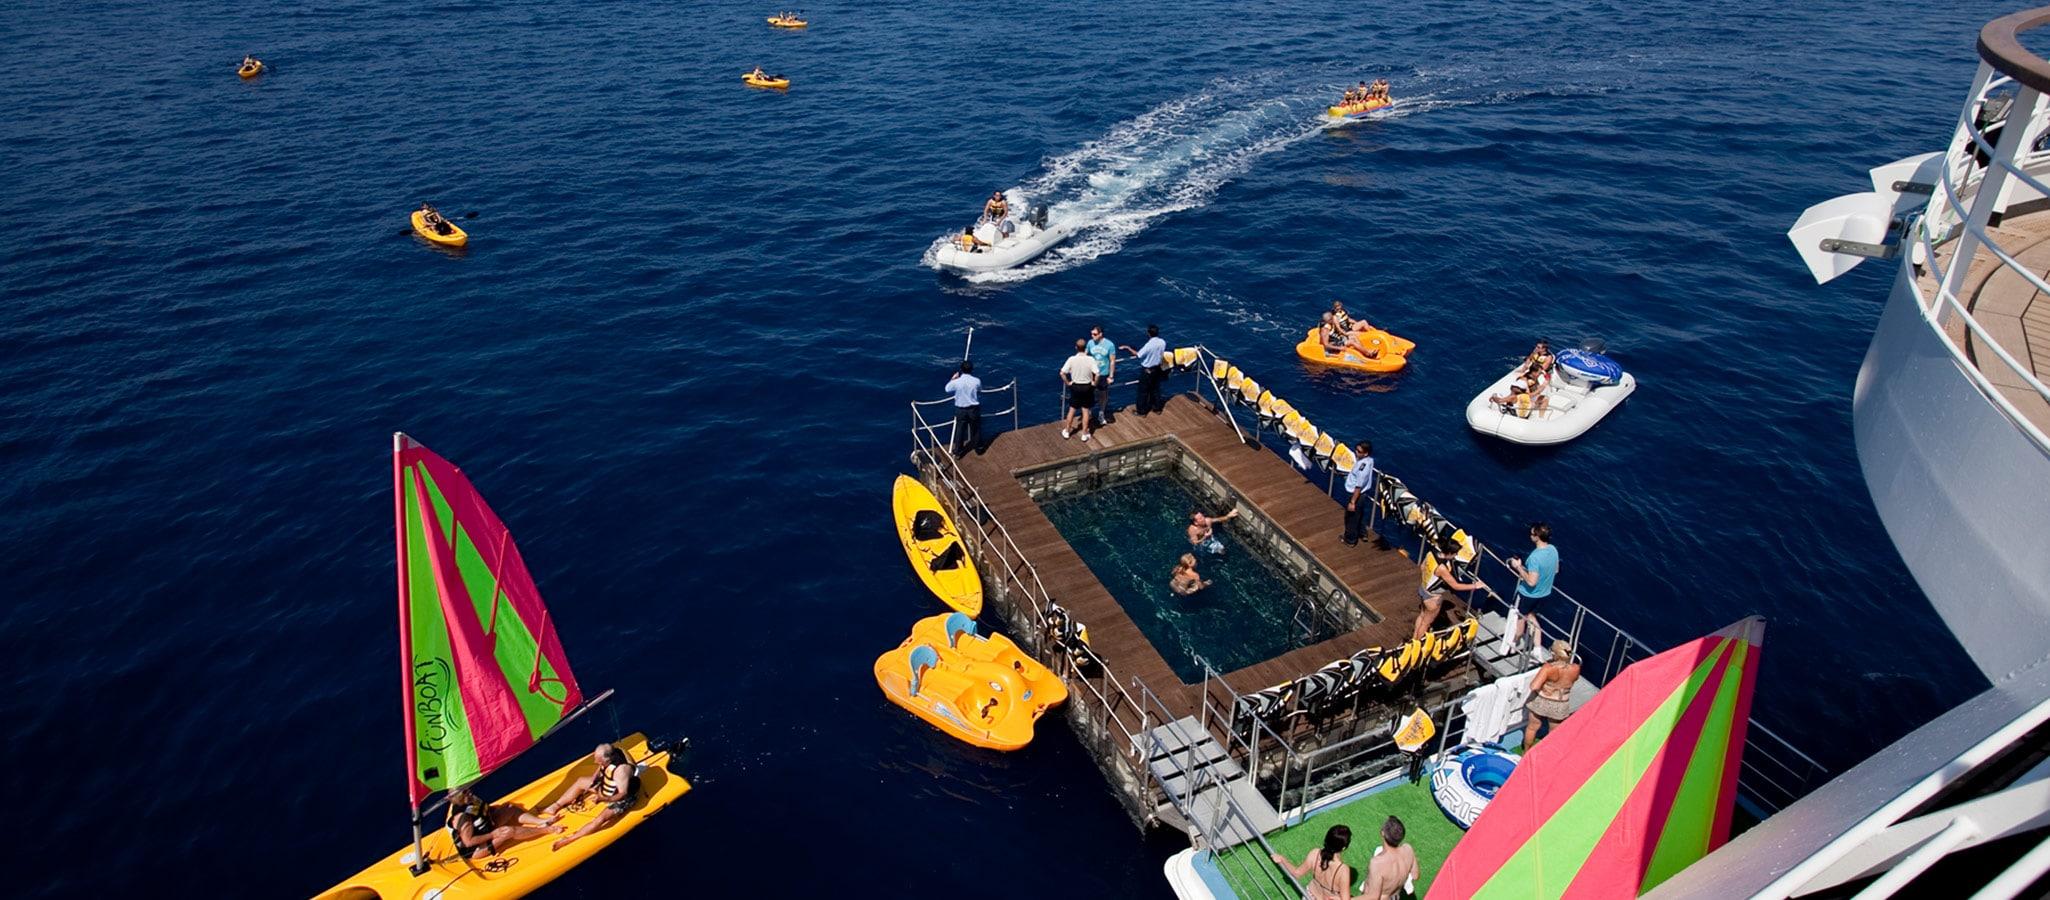 Vor Anker liegend ist dann Wassersport in allen Facetten möglich.